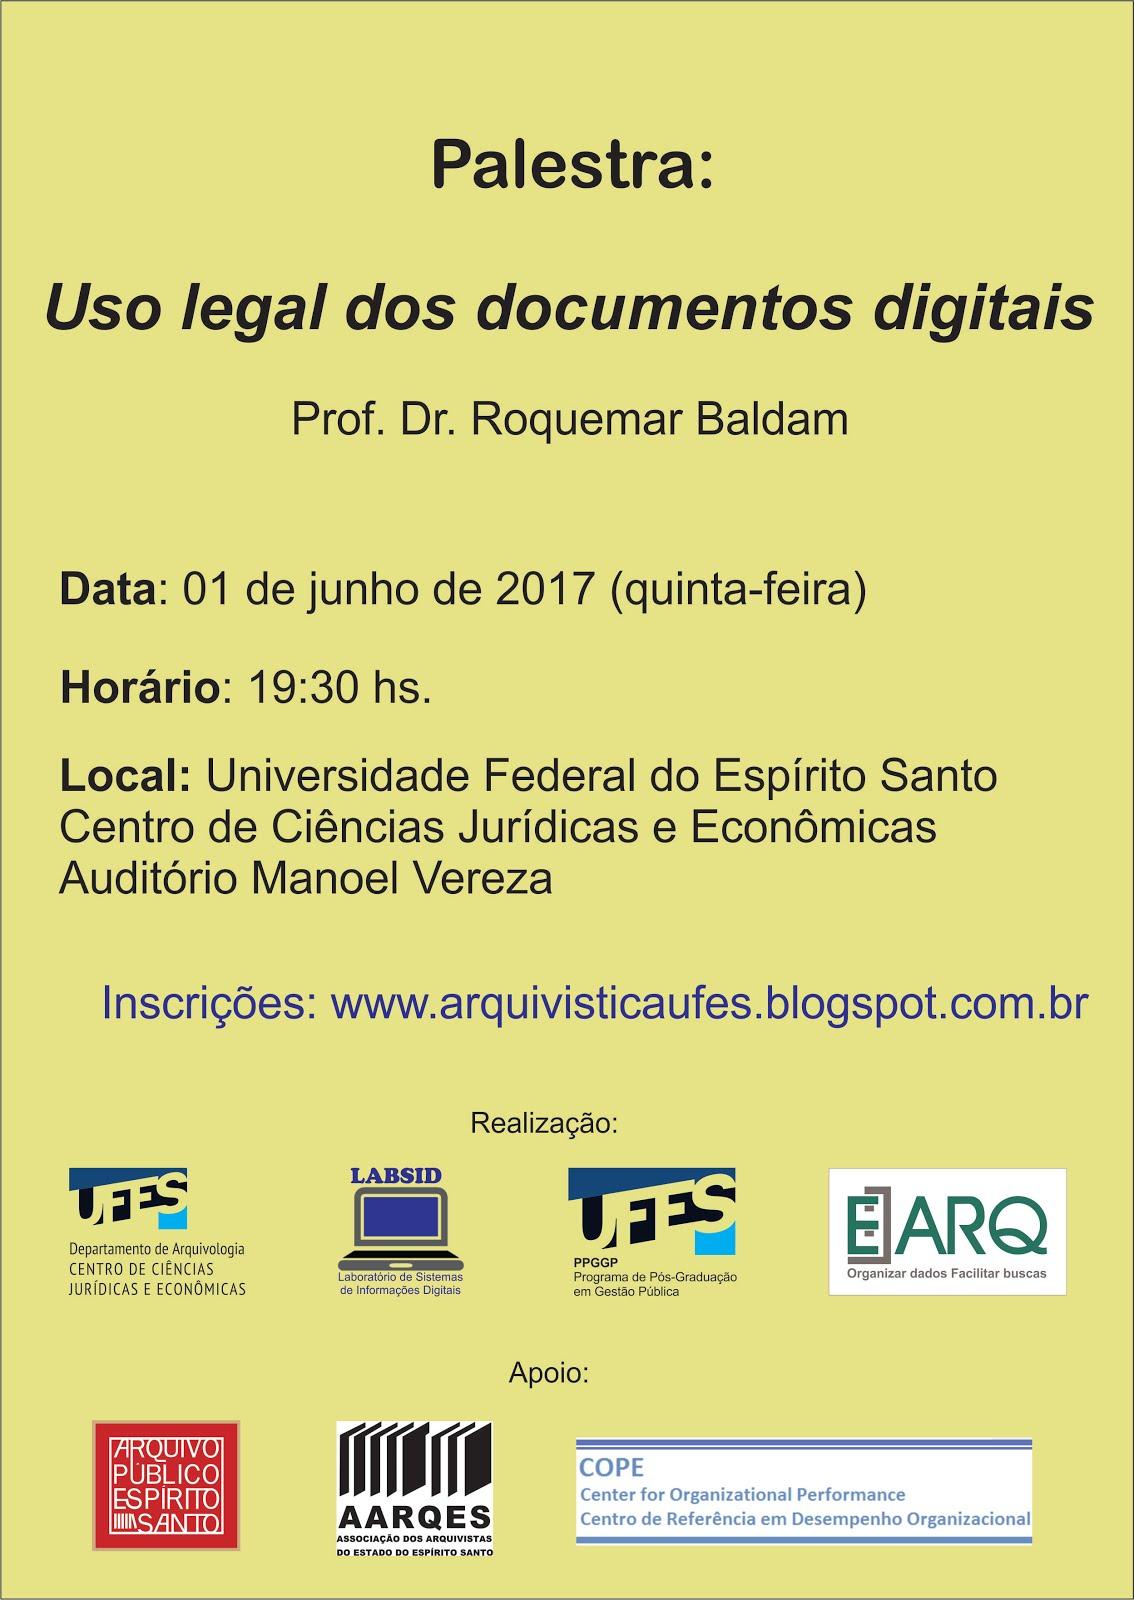 Palestra O uso legal dos documentos digitais